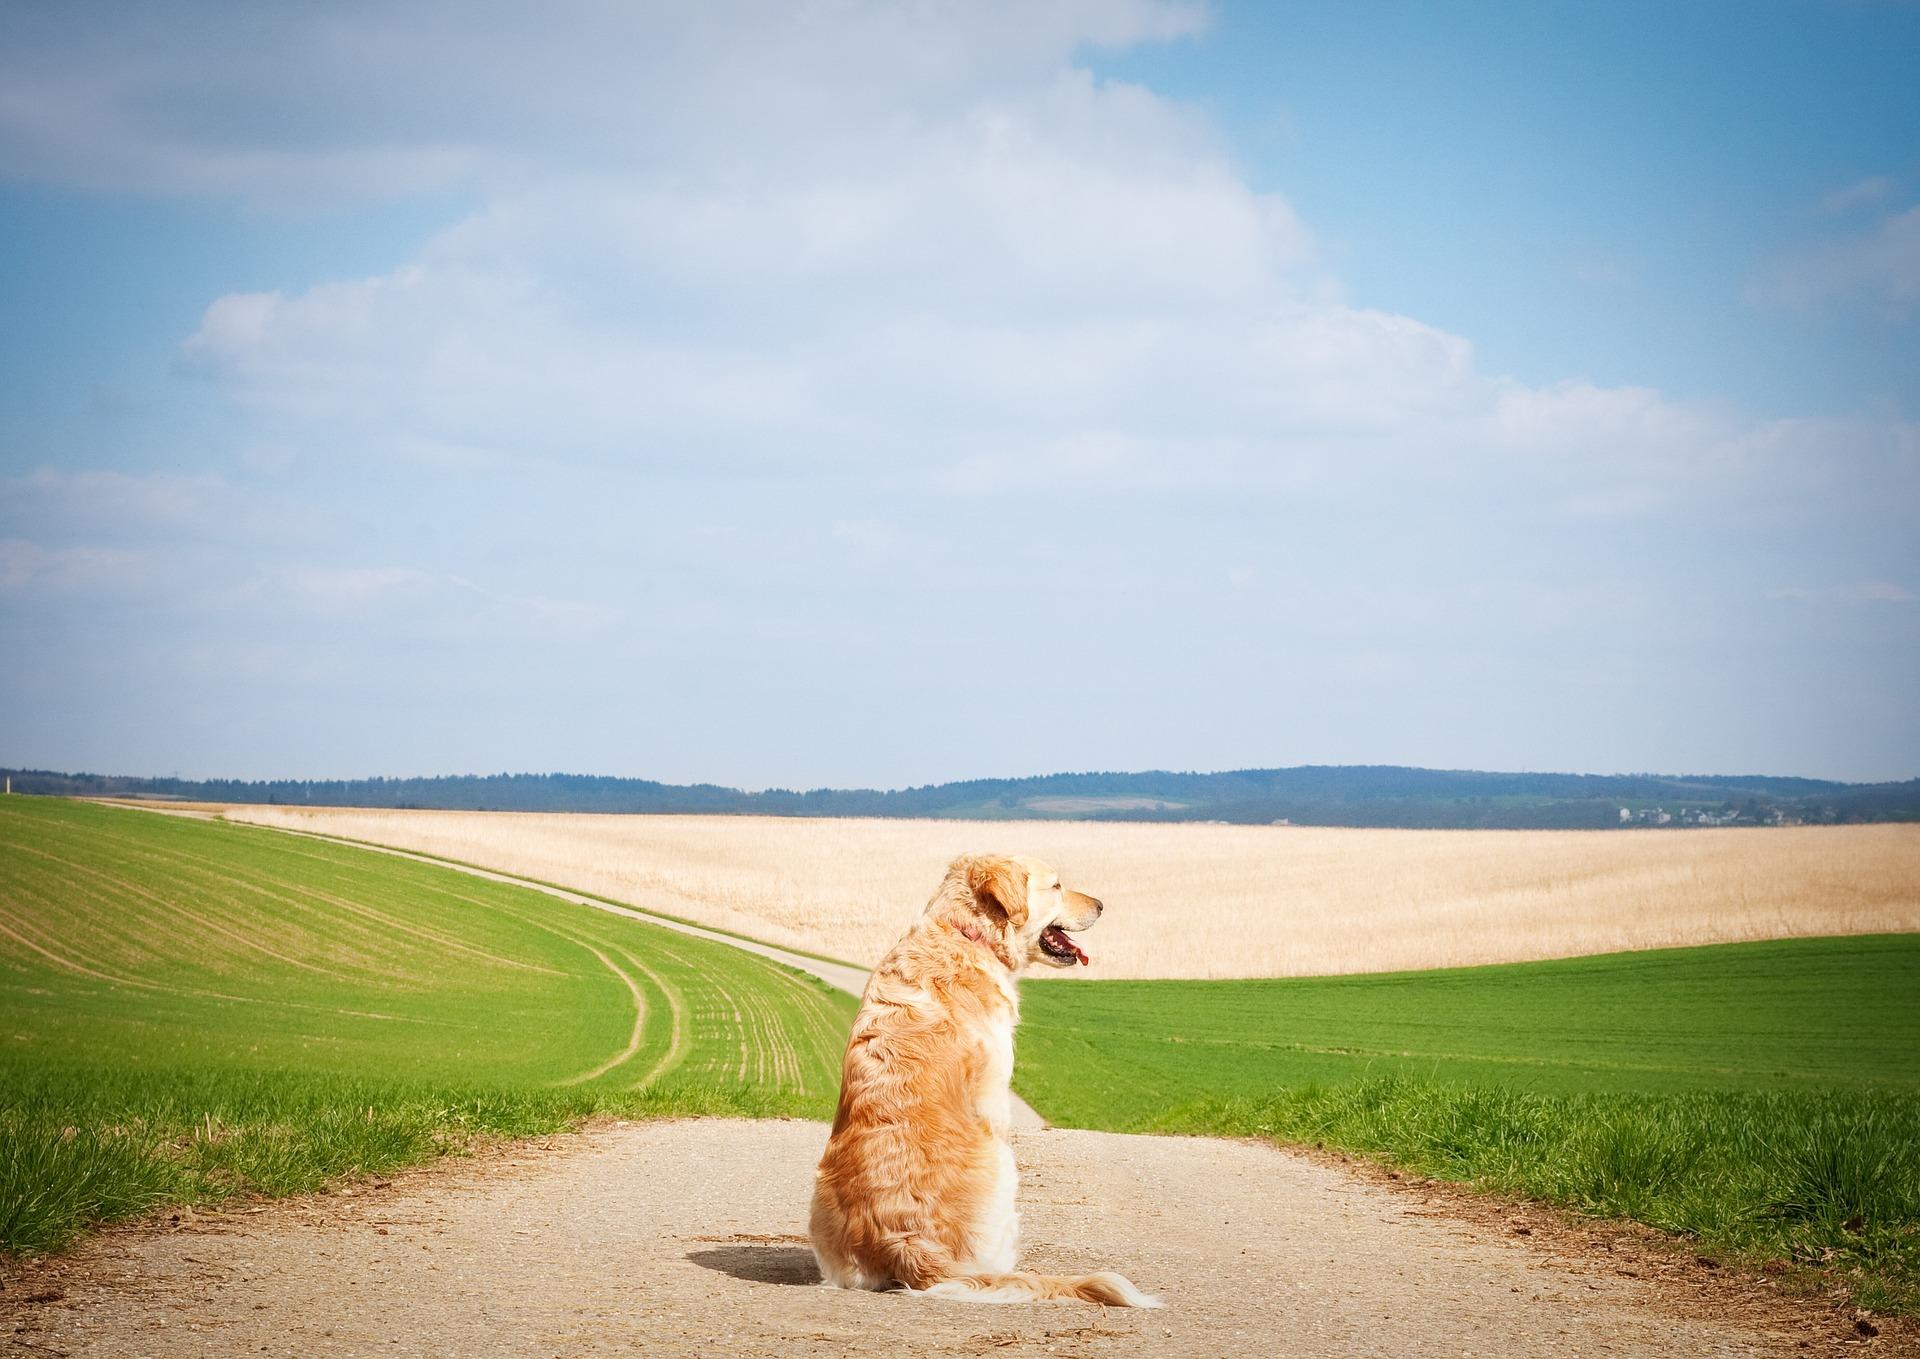 Psy chłodzą się poprzez ziajanie, posiadają znikomą ilość gruczołów potowych jedynie w niektórych miejscach, np. na opuszkach łap. Dlatego też bardzo ważne jest zapewnienie im cienia i dużo wody do picia podczas upalnych dni.